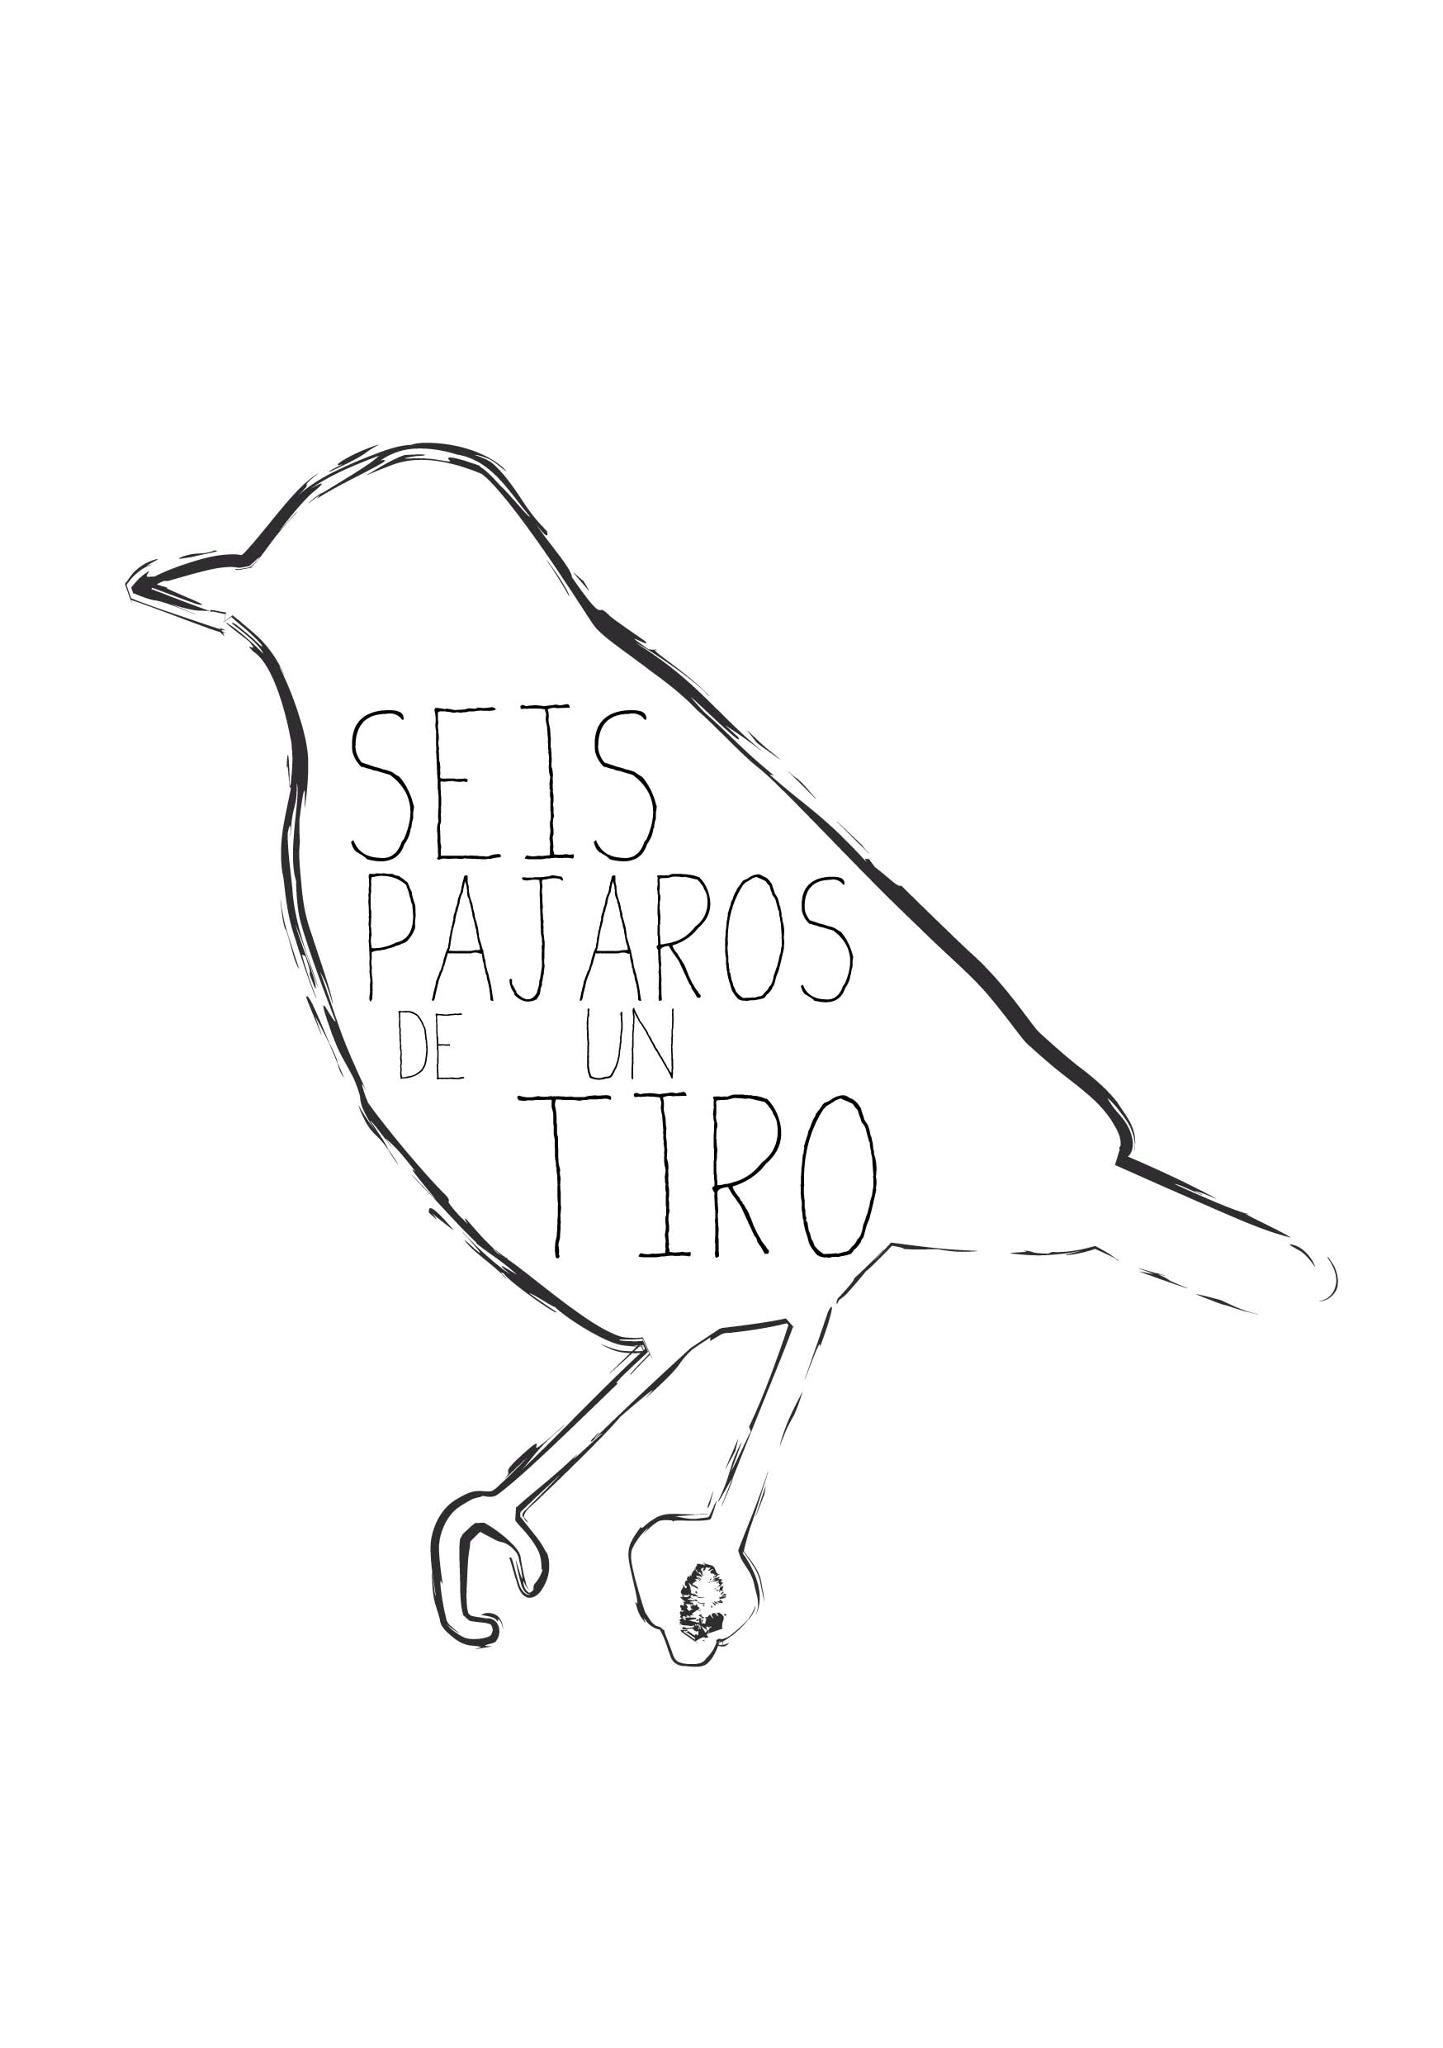 Seis pájaros de un tiro